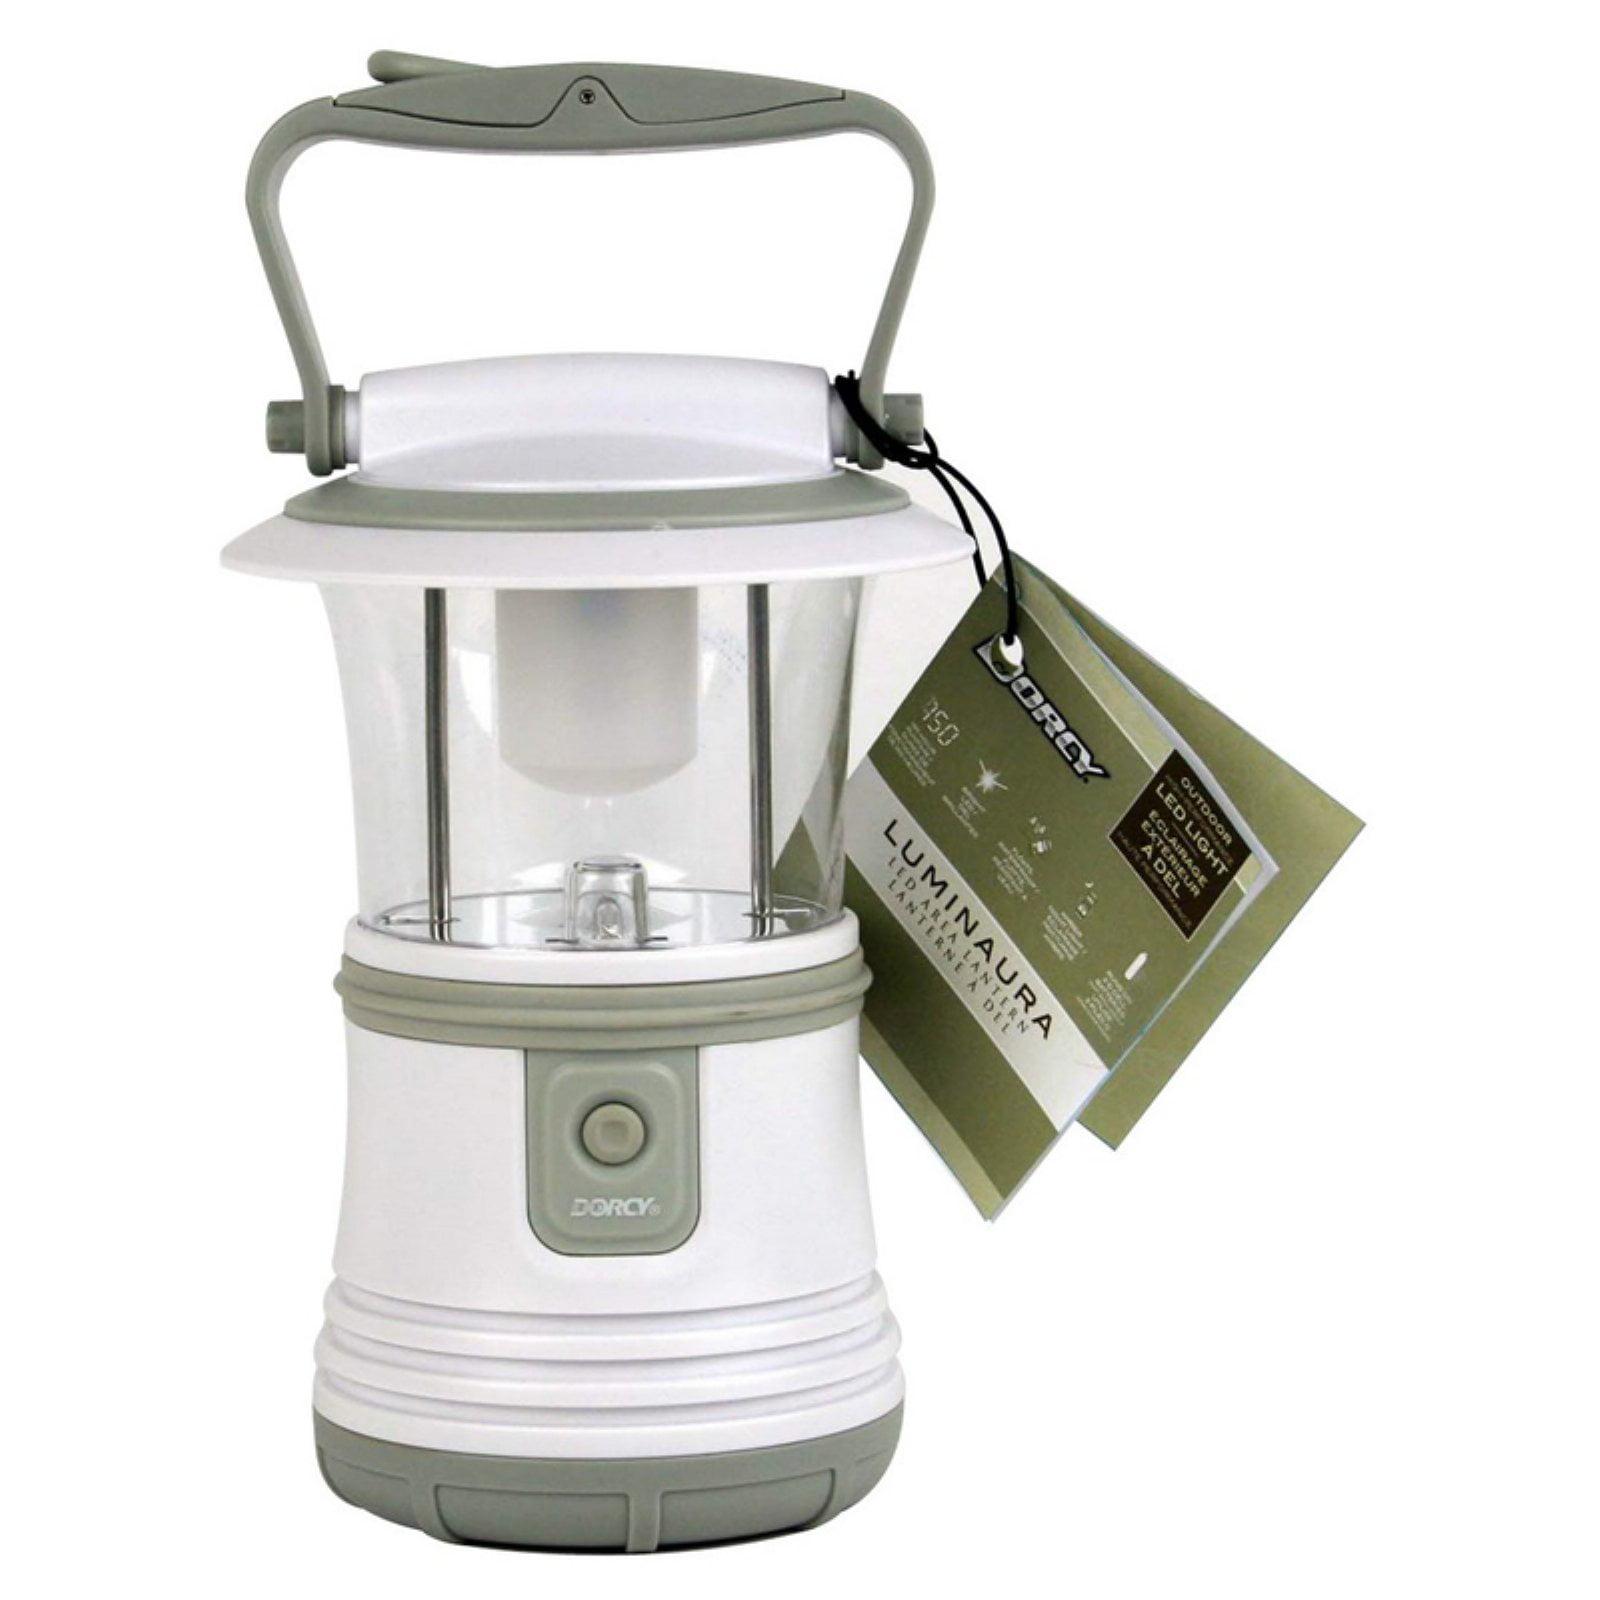 Dorcy 41-3104 LED Camping Flashlight Lantern with Hanging Hook, 65-Lumens, White Finish